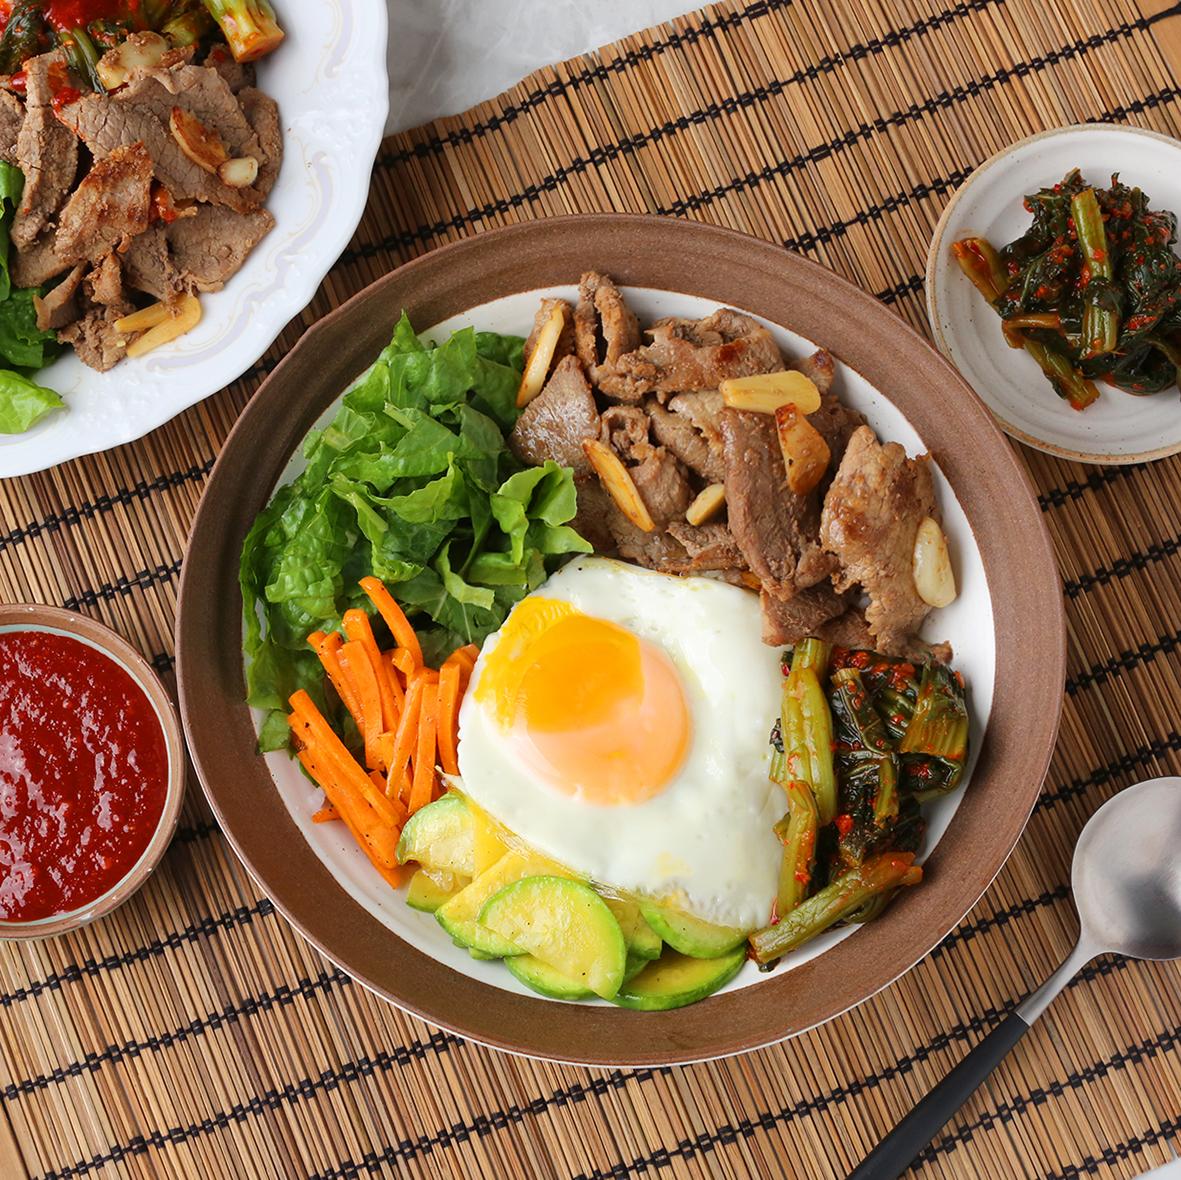 갓김치 비빔밥과 한우불고기